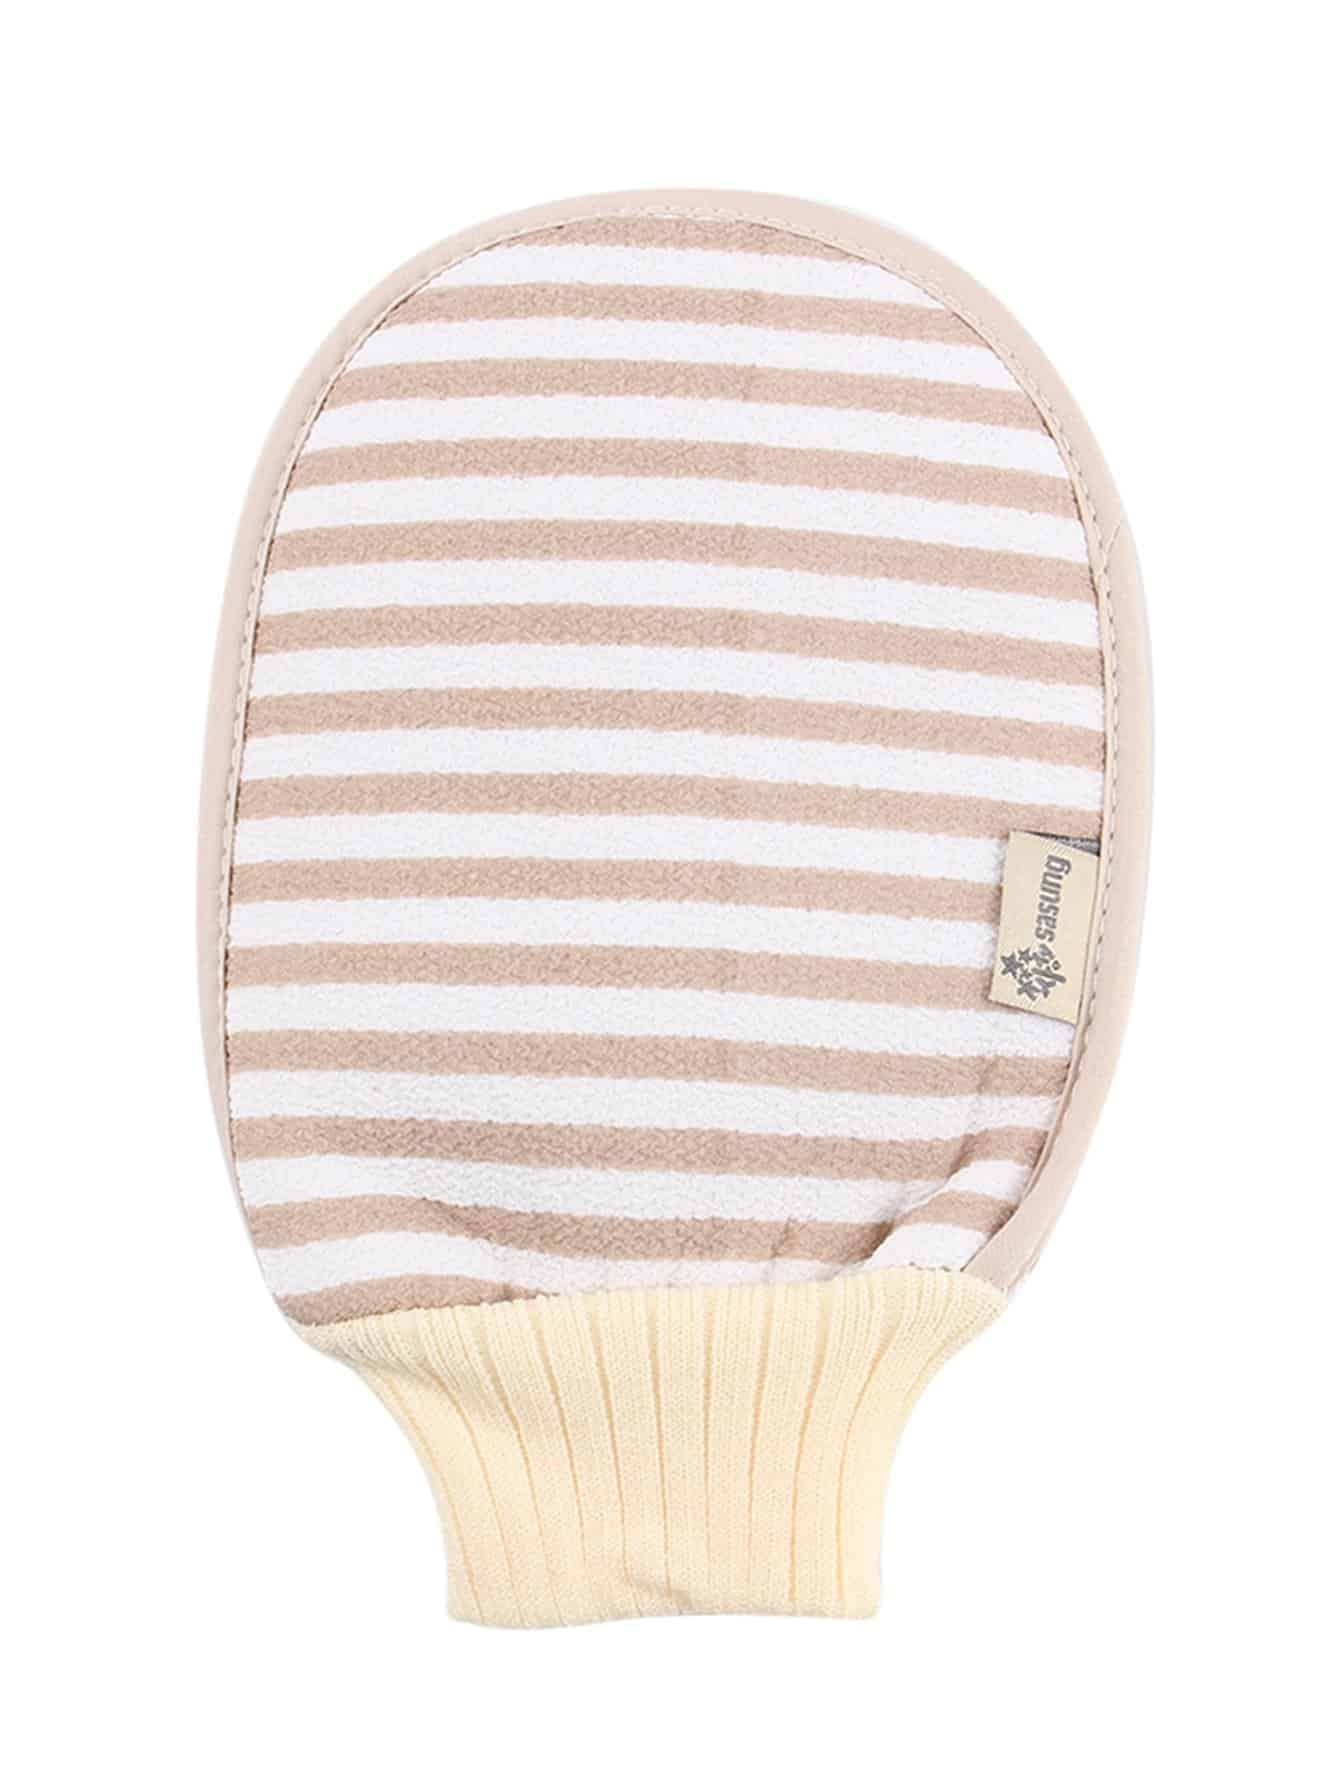 Striped Pattern Exfoliating Bath Glove